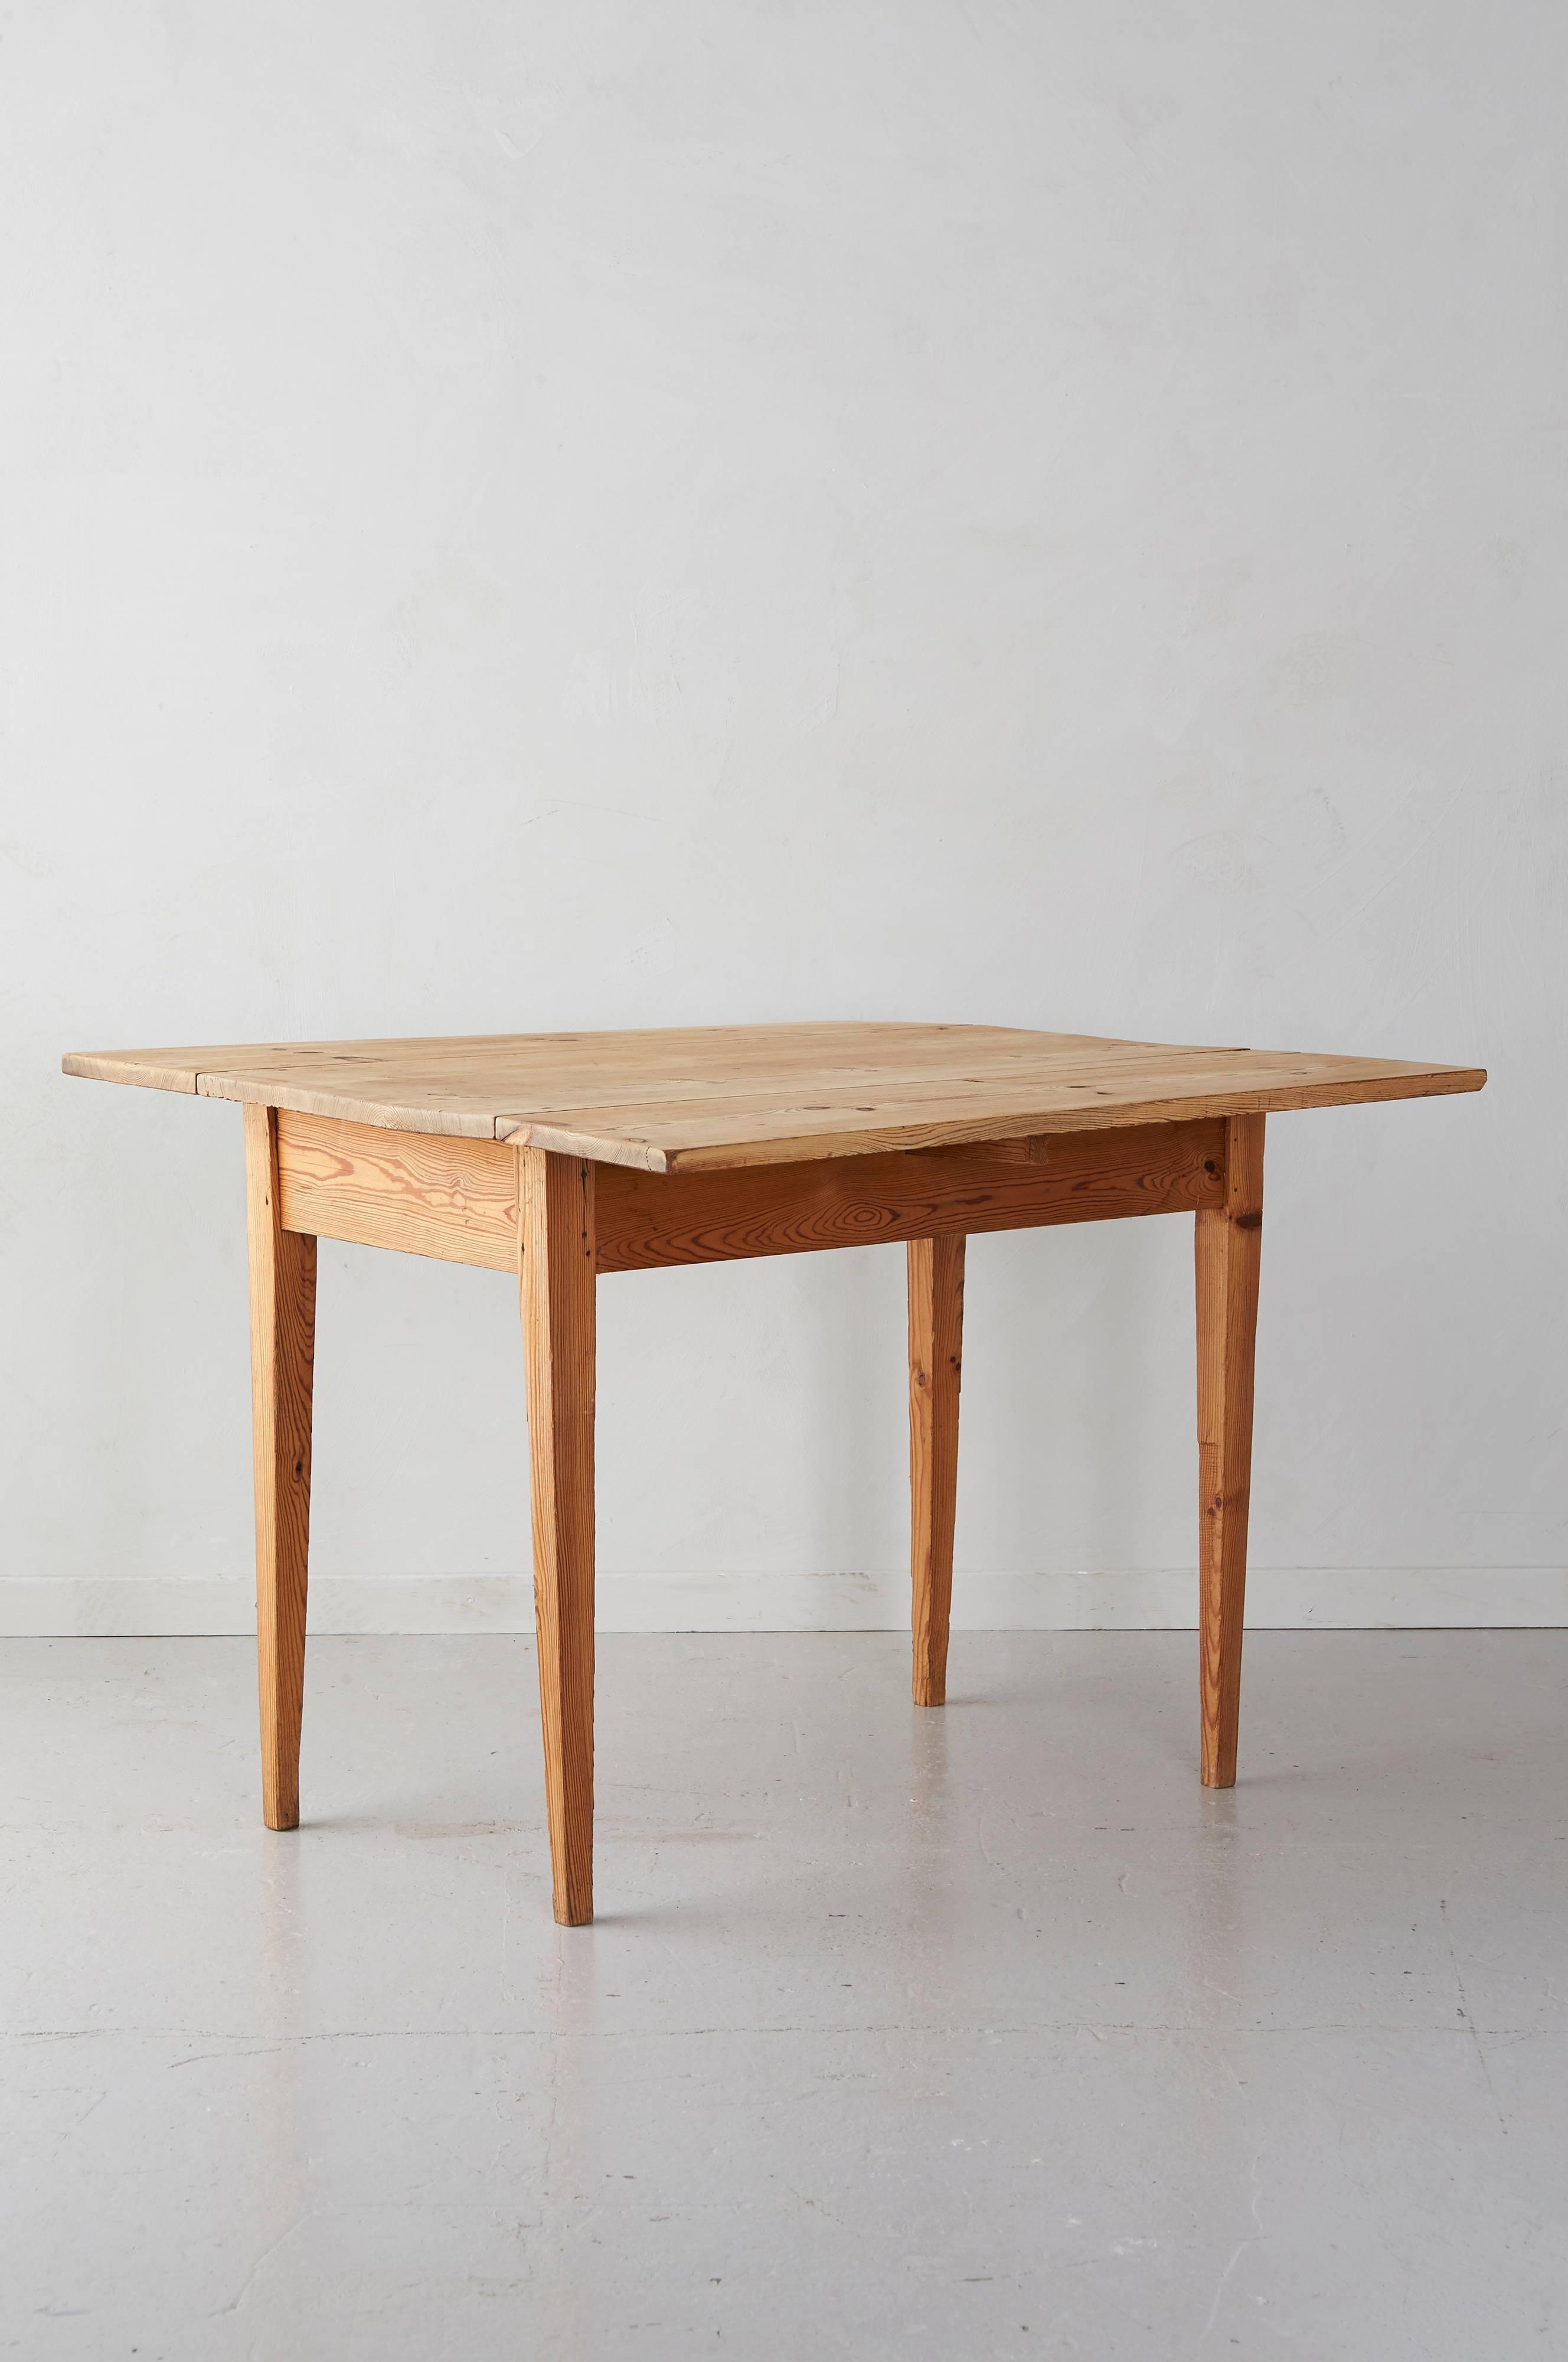 Fabriksnye Ellos Home Klapbord af træ, 97x100 cm - Brun - Bolig & indretning AO-72